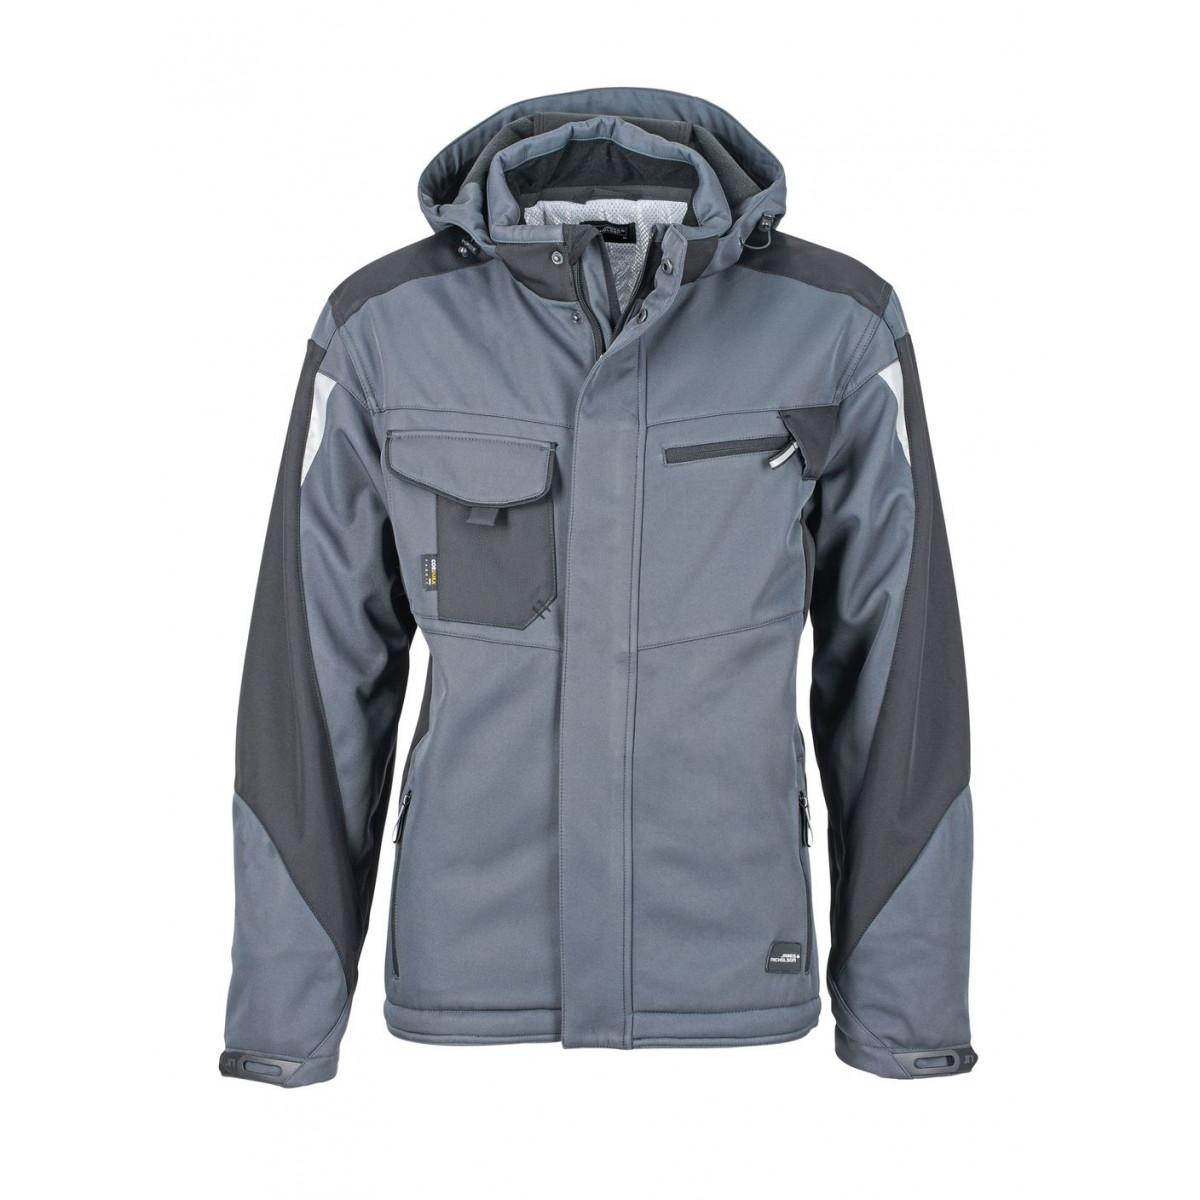 Куртка мужская JN824 Craftsmen Softshell Jacket - Карбон/Черный